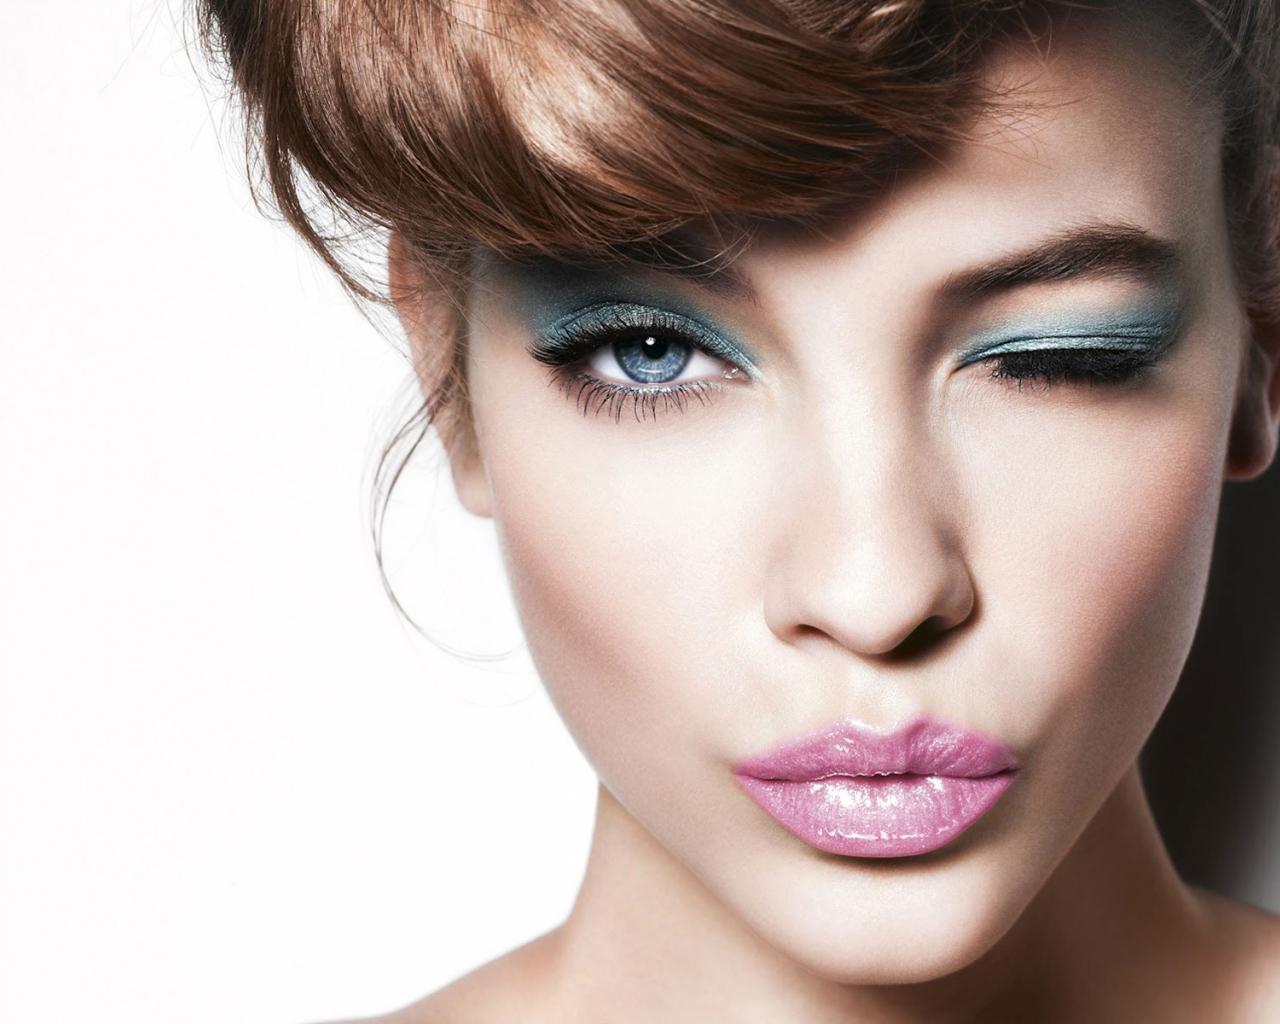 изготовлению модели макияжа картинки своими руками